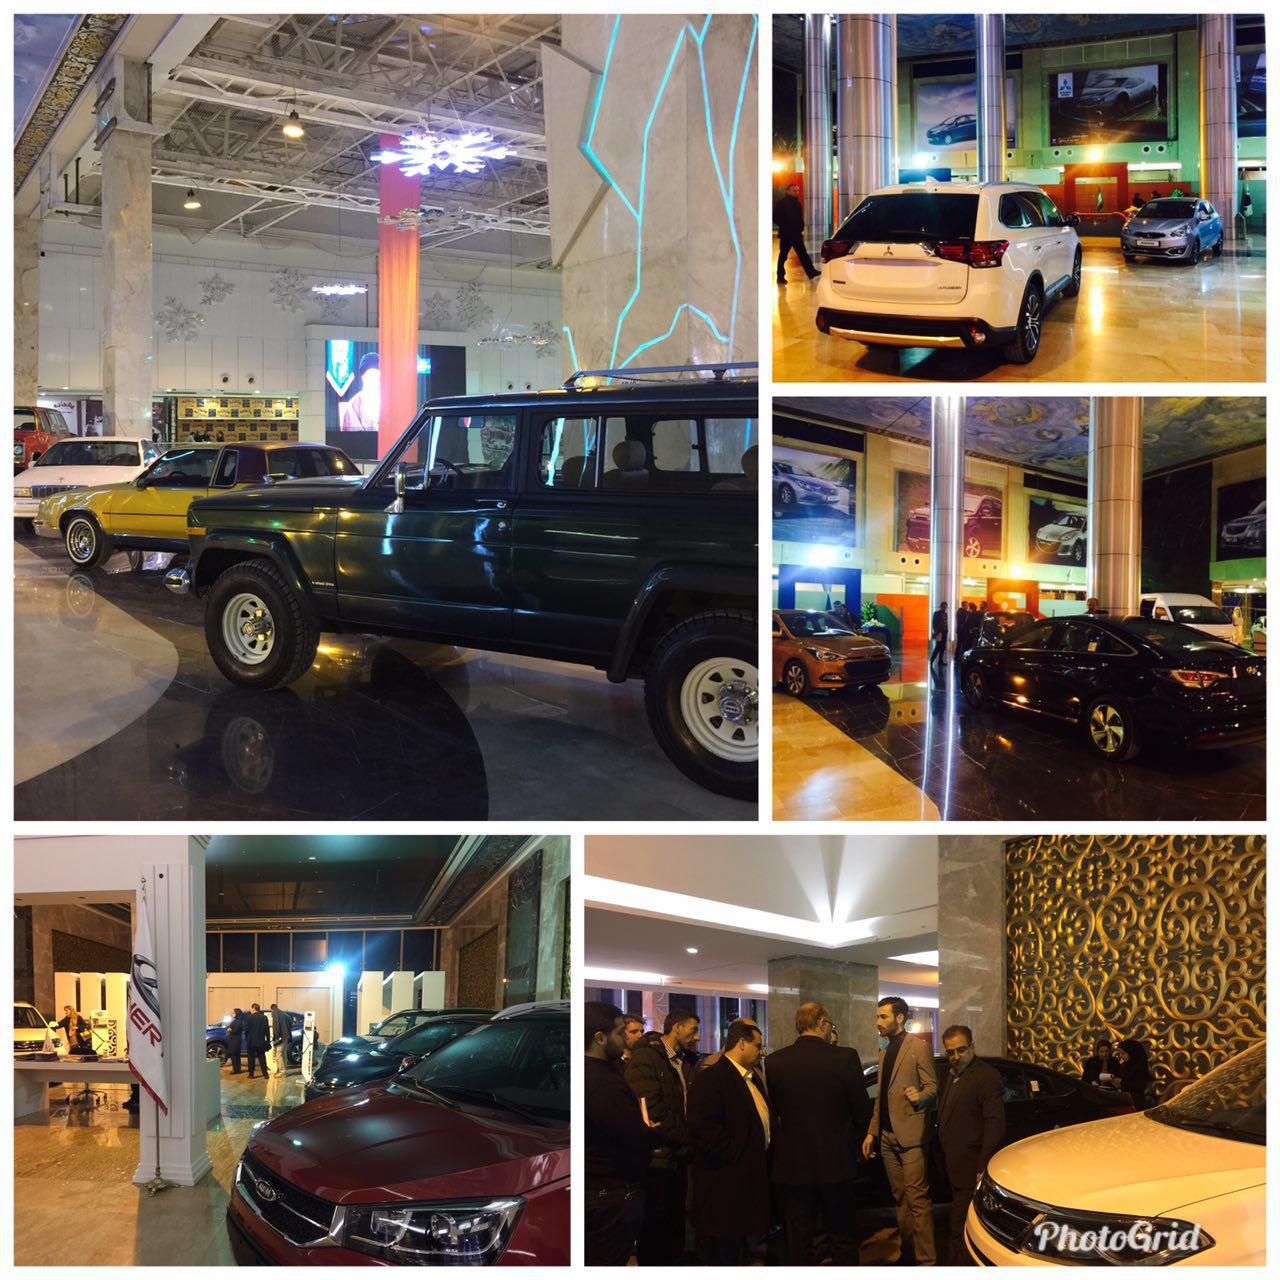 افتتاح نمایشگاه تخصصی خودرو در پدیده شاندیز